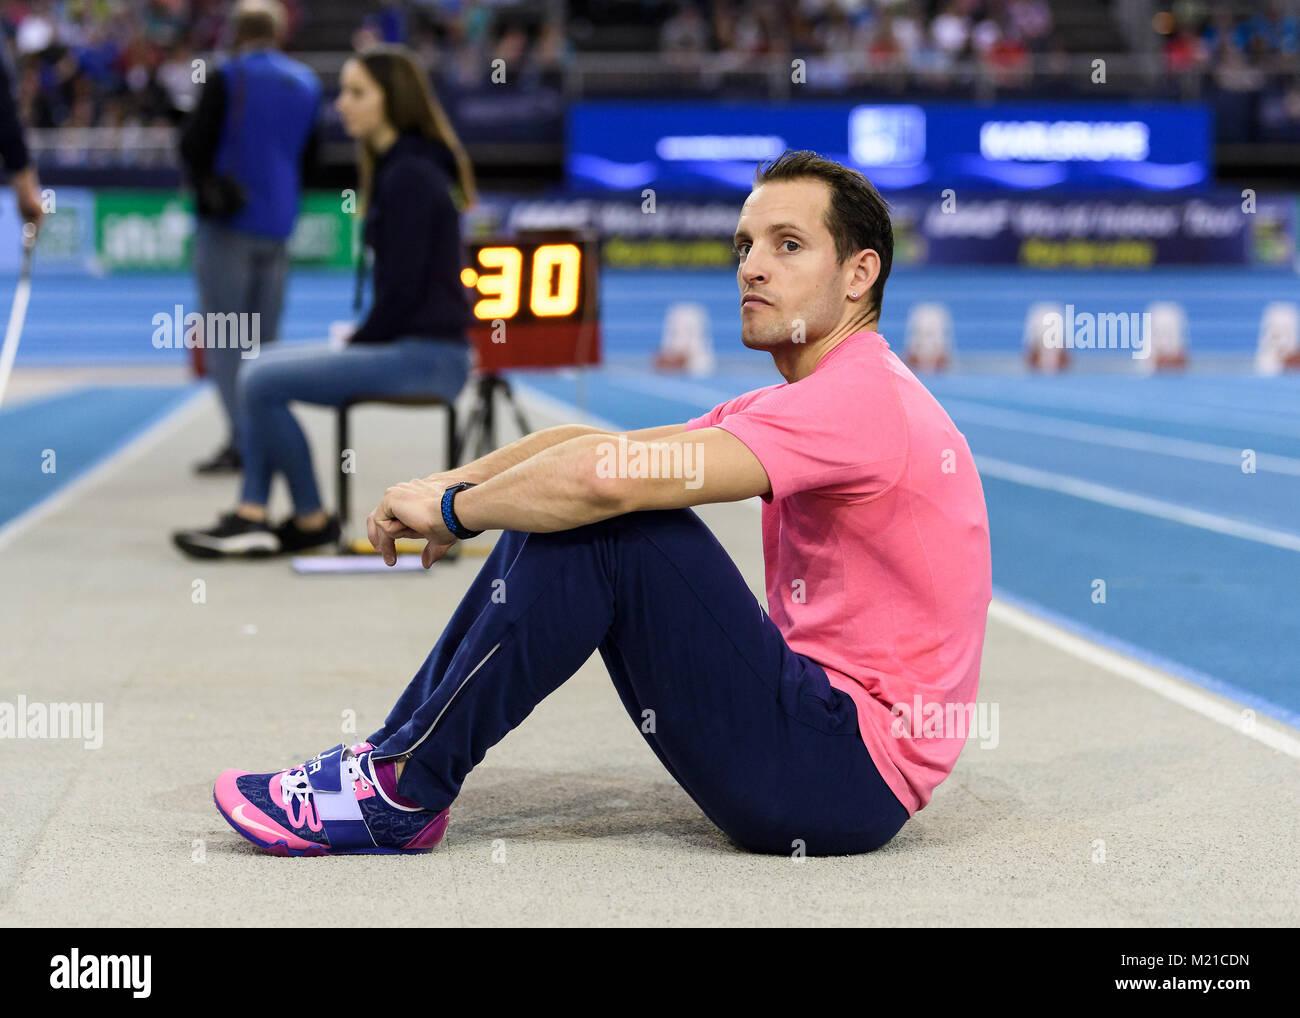 Karlsruhe, Deutschland. 03rd Feb, 2018. Stabhochsprung: Renaud Lavilennie (FRA). GES/ Leichtathletik/ Indoor Meeting - Stock Image